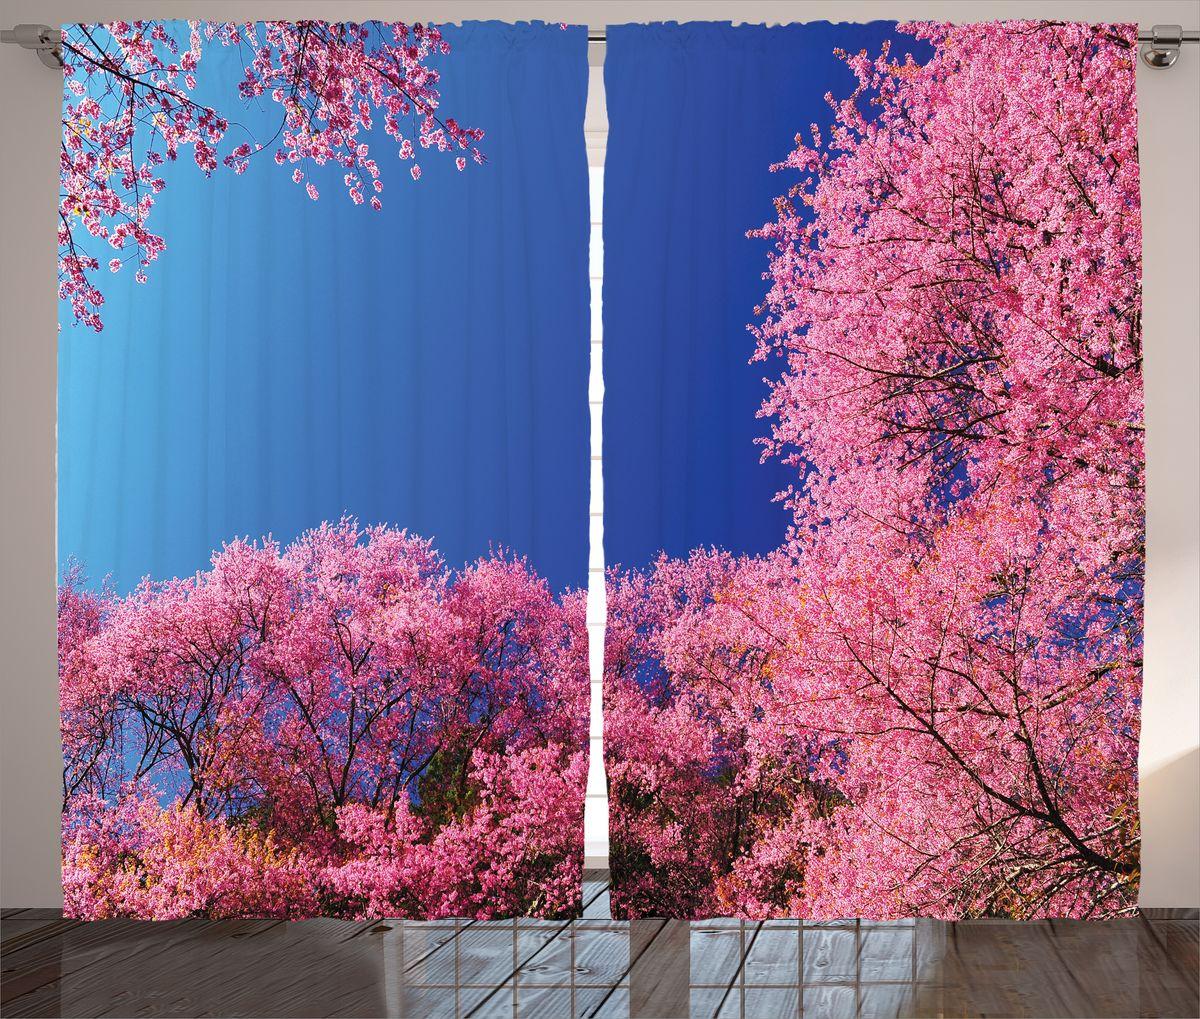 Комплект фотоштор Magic Lady Розовый сад, на ленте, высота 265 см. шсг_174241004900000360Компания Сэмболь изготавливает шторы из высококачественного сатена (полиэстер 100%). При изготовлении используются специальные гипоаллергенные чернила для прямой печати по ткани, безопасные для человека и животных. Экологичность продукции Magic lady и безопасность для окружающей среды подтверждены сертификатом Oeko-Tex Standard 100. Крепление: крючки для крепления на шторной ленте (50 шт). Возможно крепление на трубу. Внимание! При нанесении сублимационной печати на ткань технологическим методом при температуре 240°С, возможно отклонение полученных размеров (указанных на этикетке и сайте) от стандартных на + - 3-5 см. Производитель старается максимально точно передать цвета изделия на фотографиях, однако искажения неизбежны и фактический цвет изделия может отличаться от воспринимаемого по фото. Обратите внимание! Шторы изготовлены из полиэстра сатенового переплетения, а не из сатина (хлопок). Размер одного полотна шторы: 145х265 см. В комплекте 2 полотна шторы и 50 крючков.